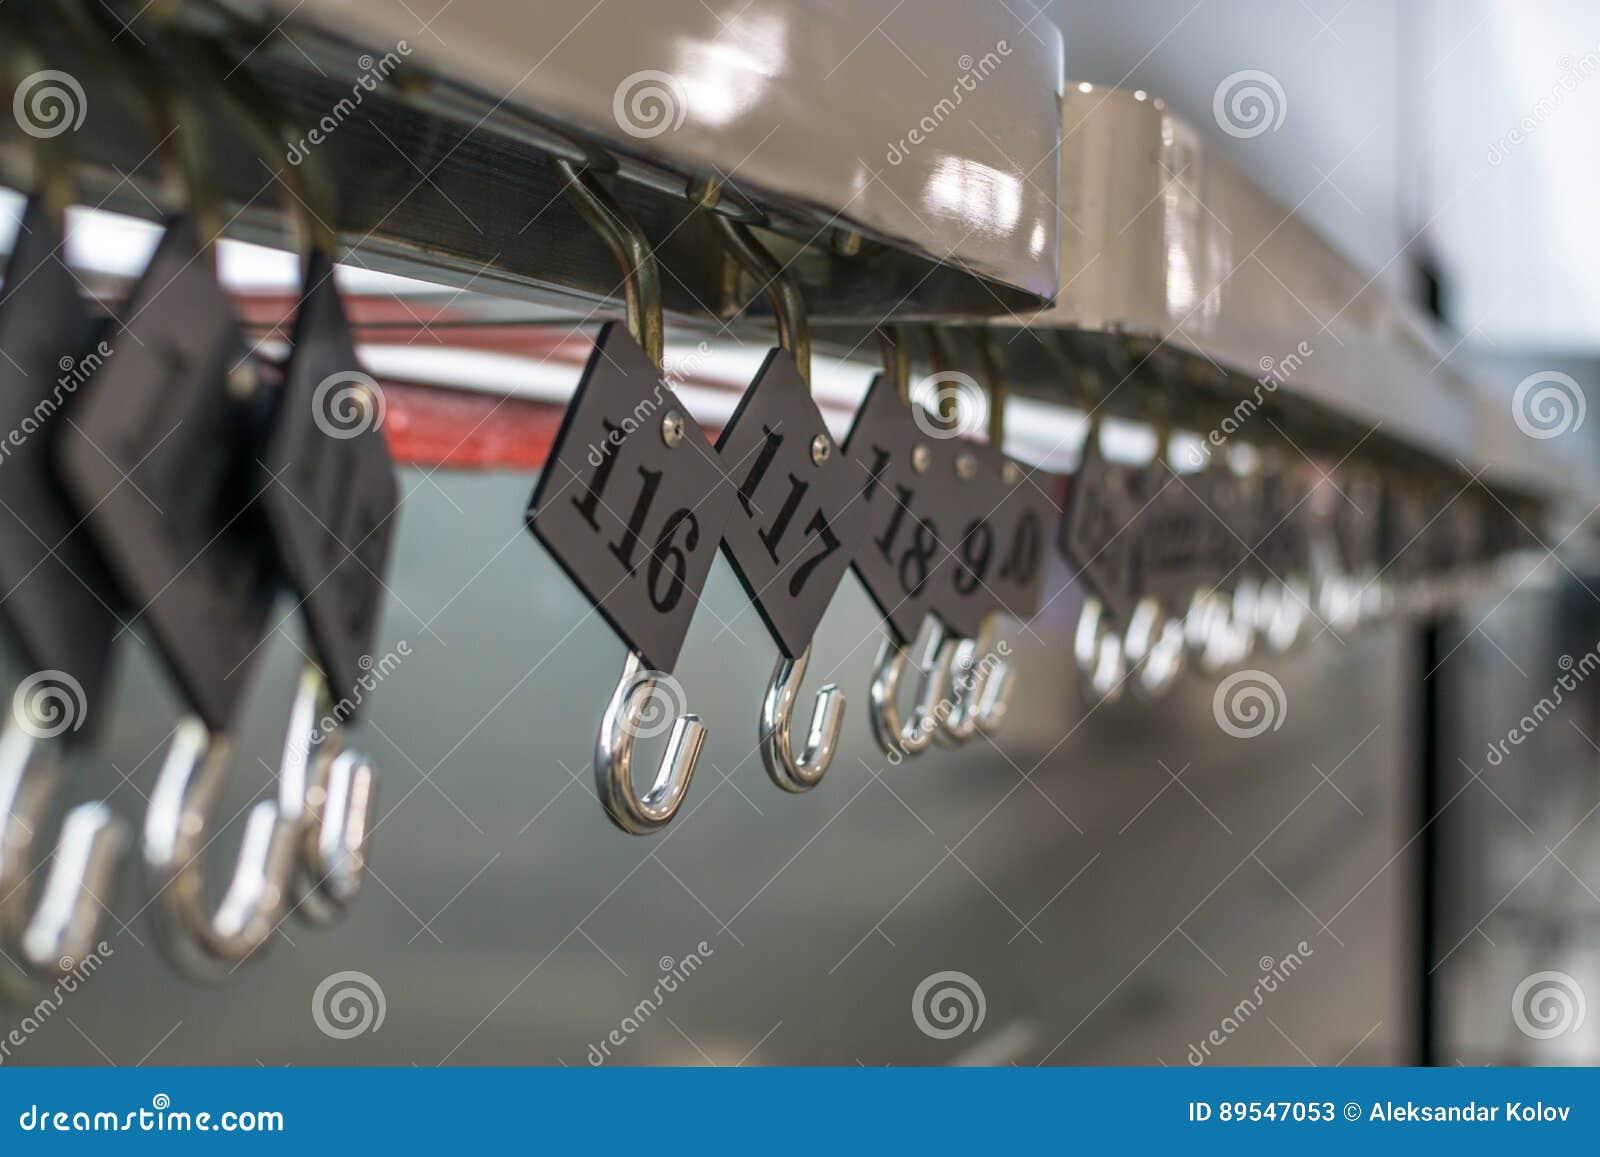 Numeri Per Guardaroba.Numeri Del Guardaroba Immagine Stock Immagine Di Casa